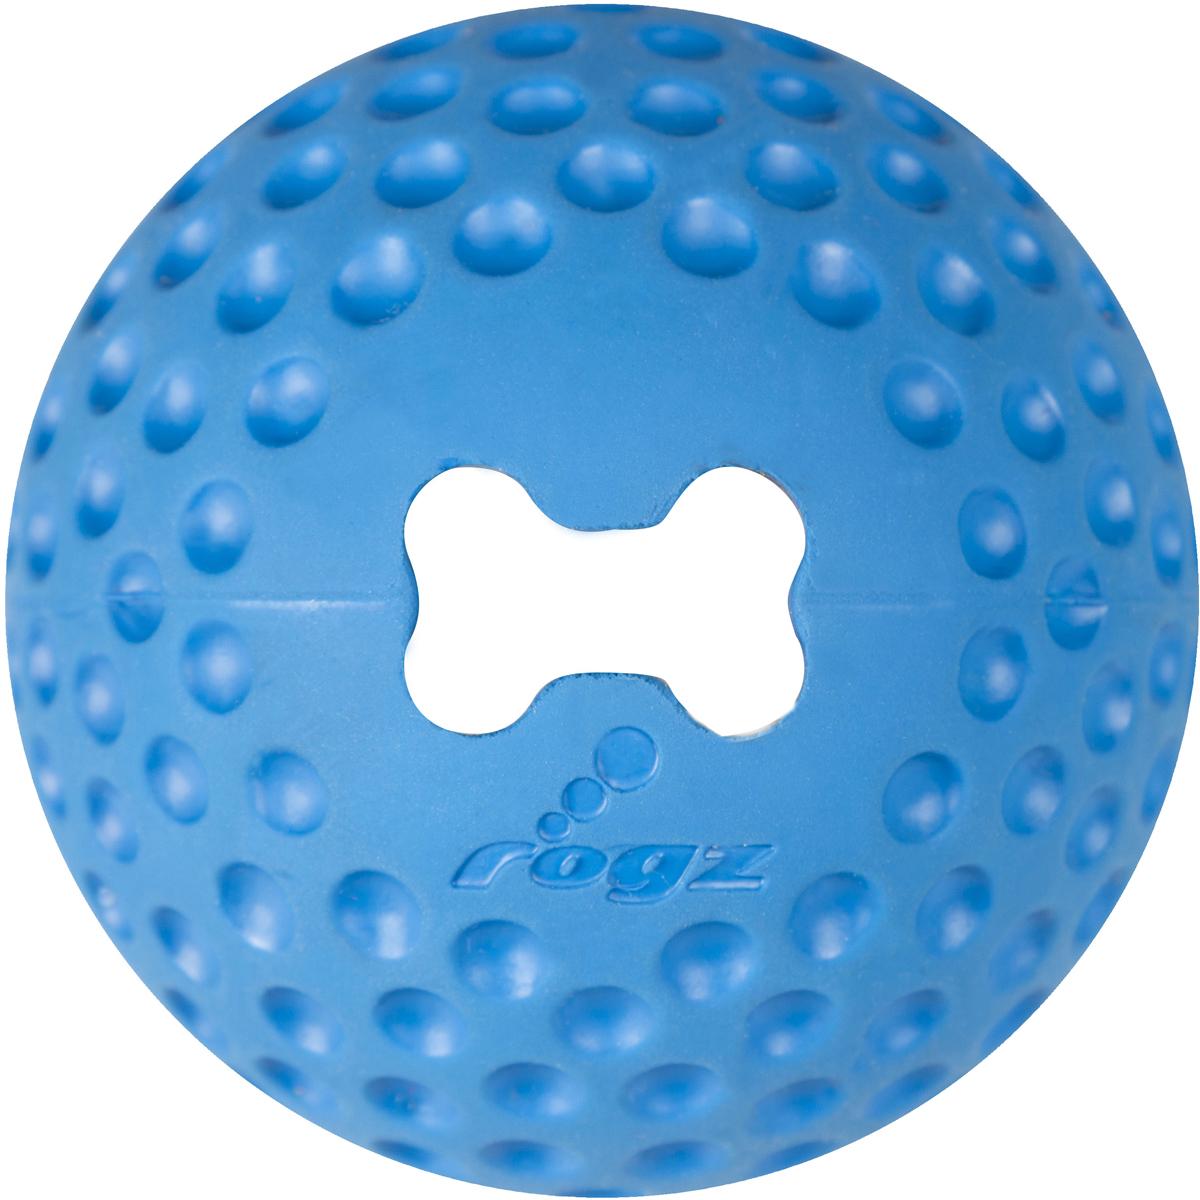 Игрушка для собак Rogz Gumz, с отверстием для лакомства, цвет: синий, диаметр 7,8 см0120710Игрушка для собак Rogz Gumz тренирует жевательные мышцы и массирует десны собаке. Отлично подходит для дрессировки, так как есть отверстие для лакомства.Отлично подпрыгивает при играх.Занимательная игрушка выдерживает долгое жевание и разгрызание. Материал изделия: 85 % натуральной резины, 15 % синтетической резины. Не токсичен.